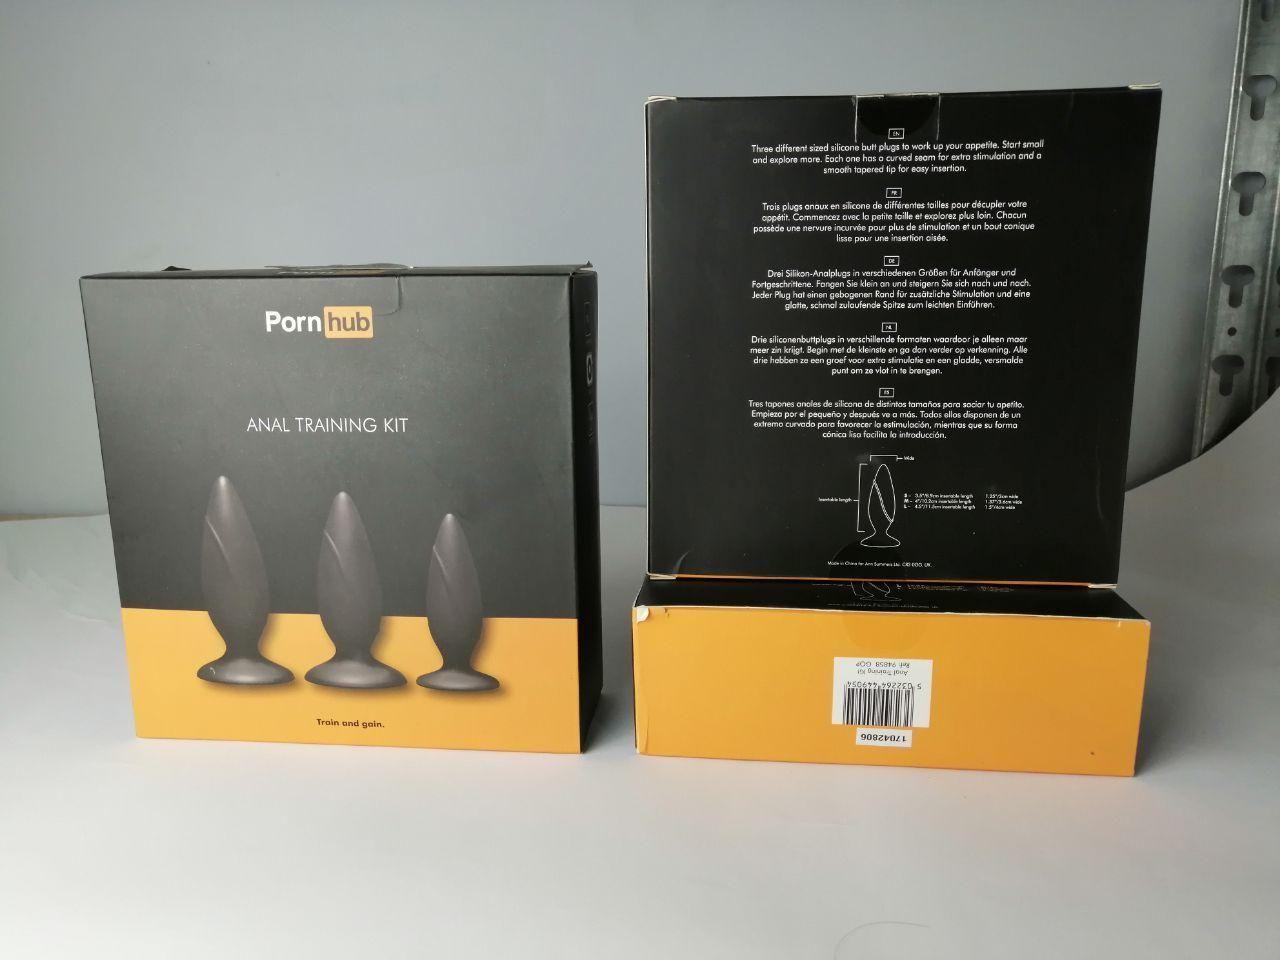 Набір анальних пробок Pornhub Anal Training Kit (незначні дефекти упаковки) SO3117-S